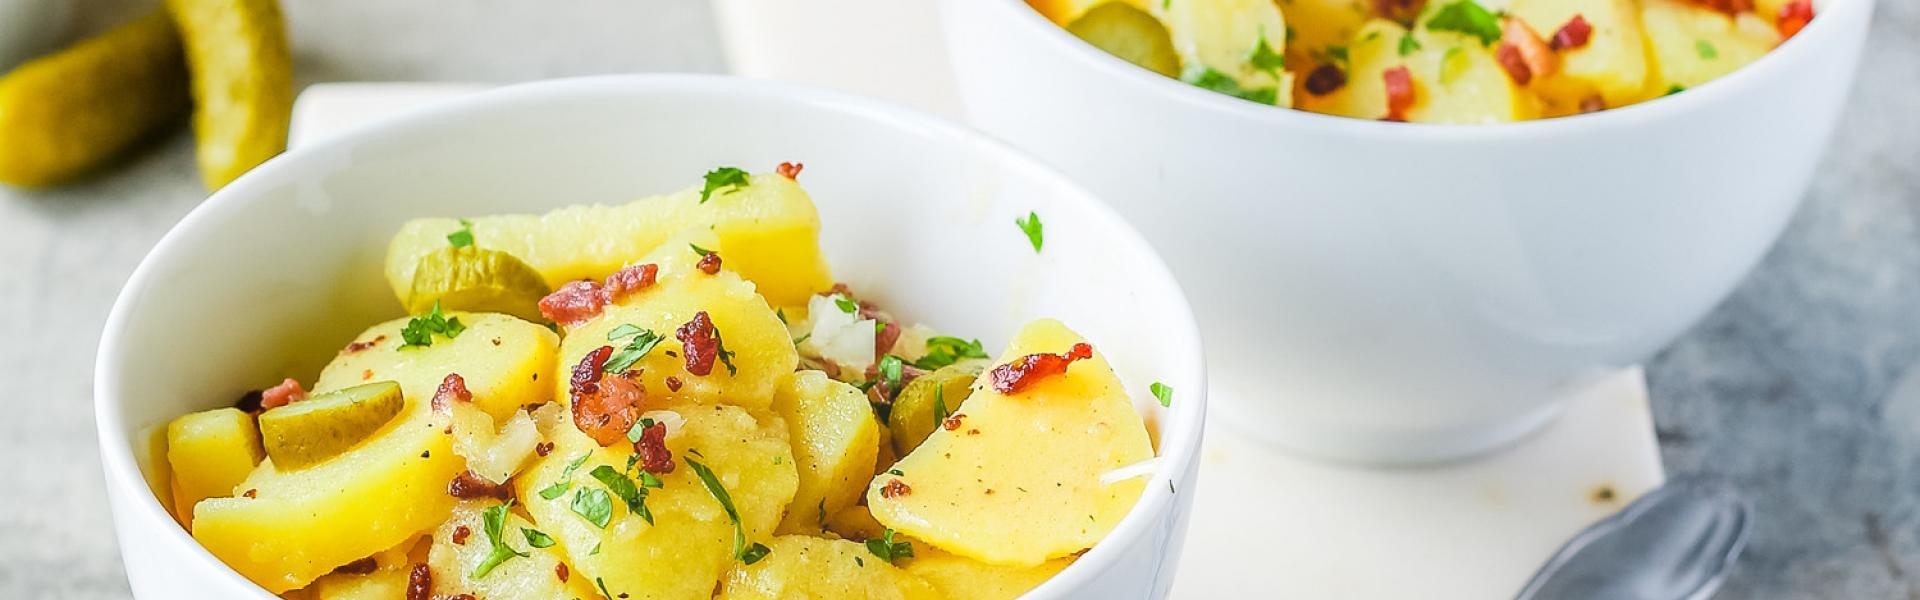 Warmer Kartoffelsalat mit Brühe in zwei Schalen auf einem Brettchen.